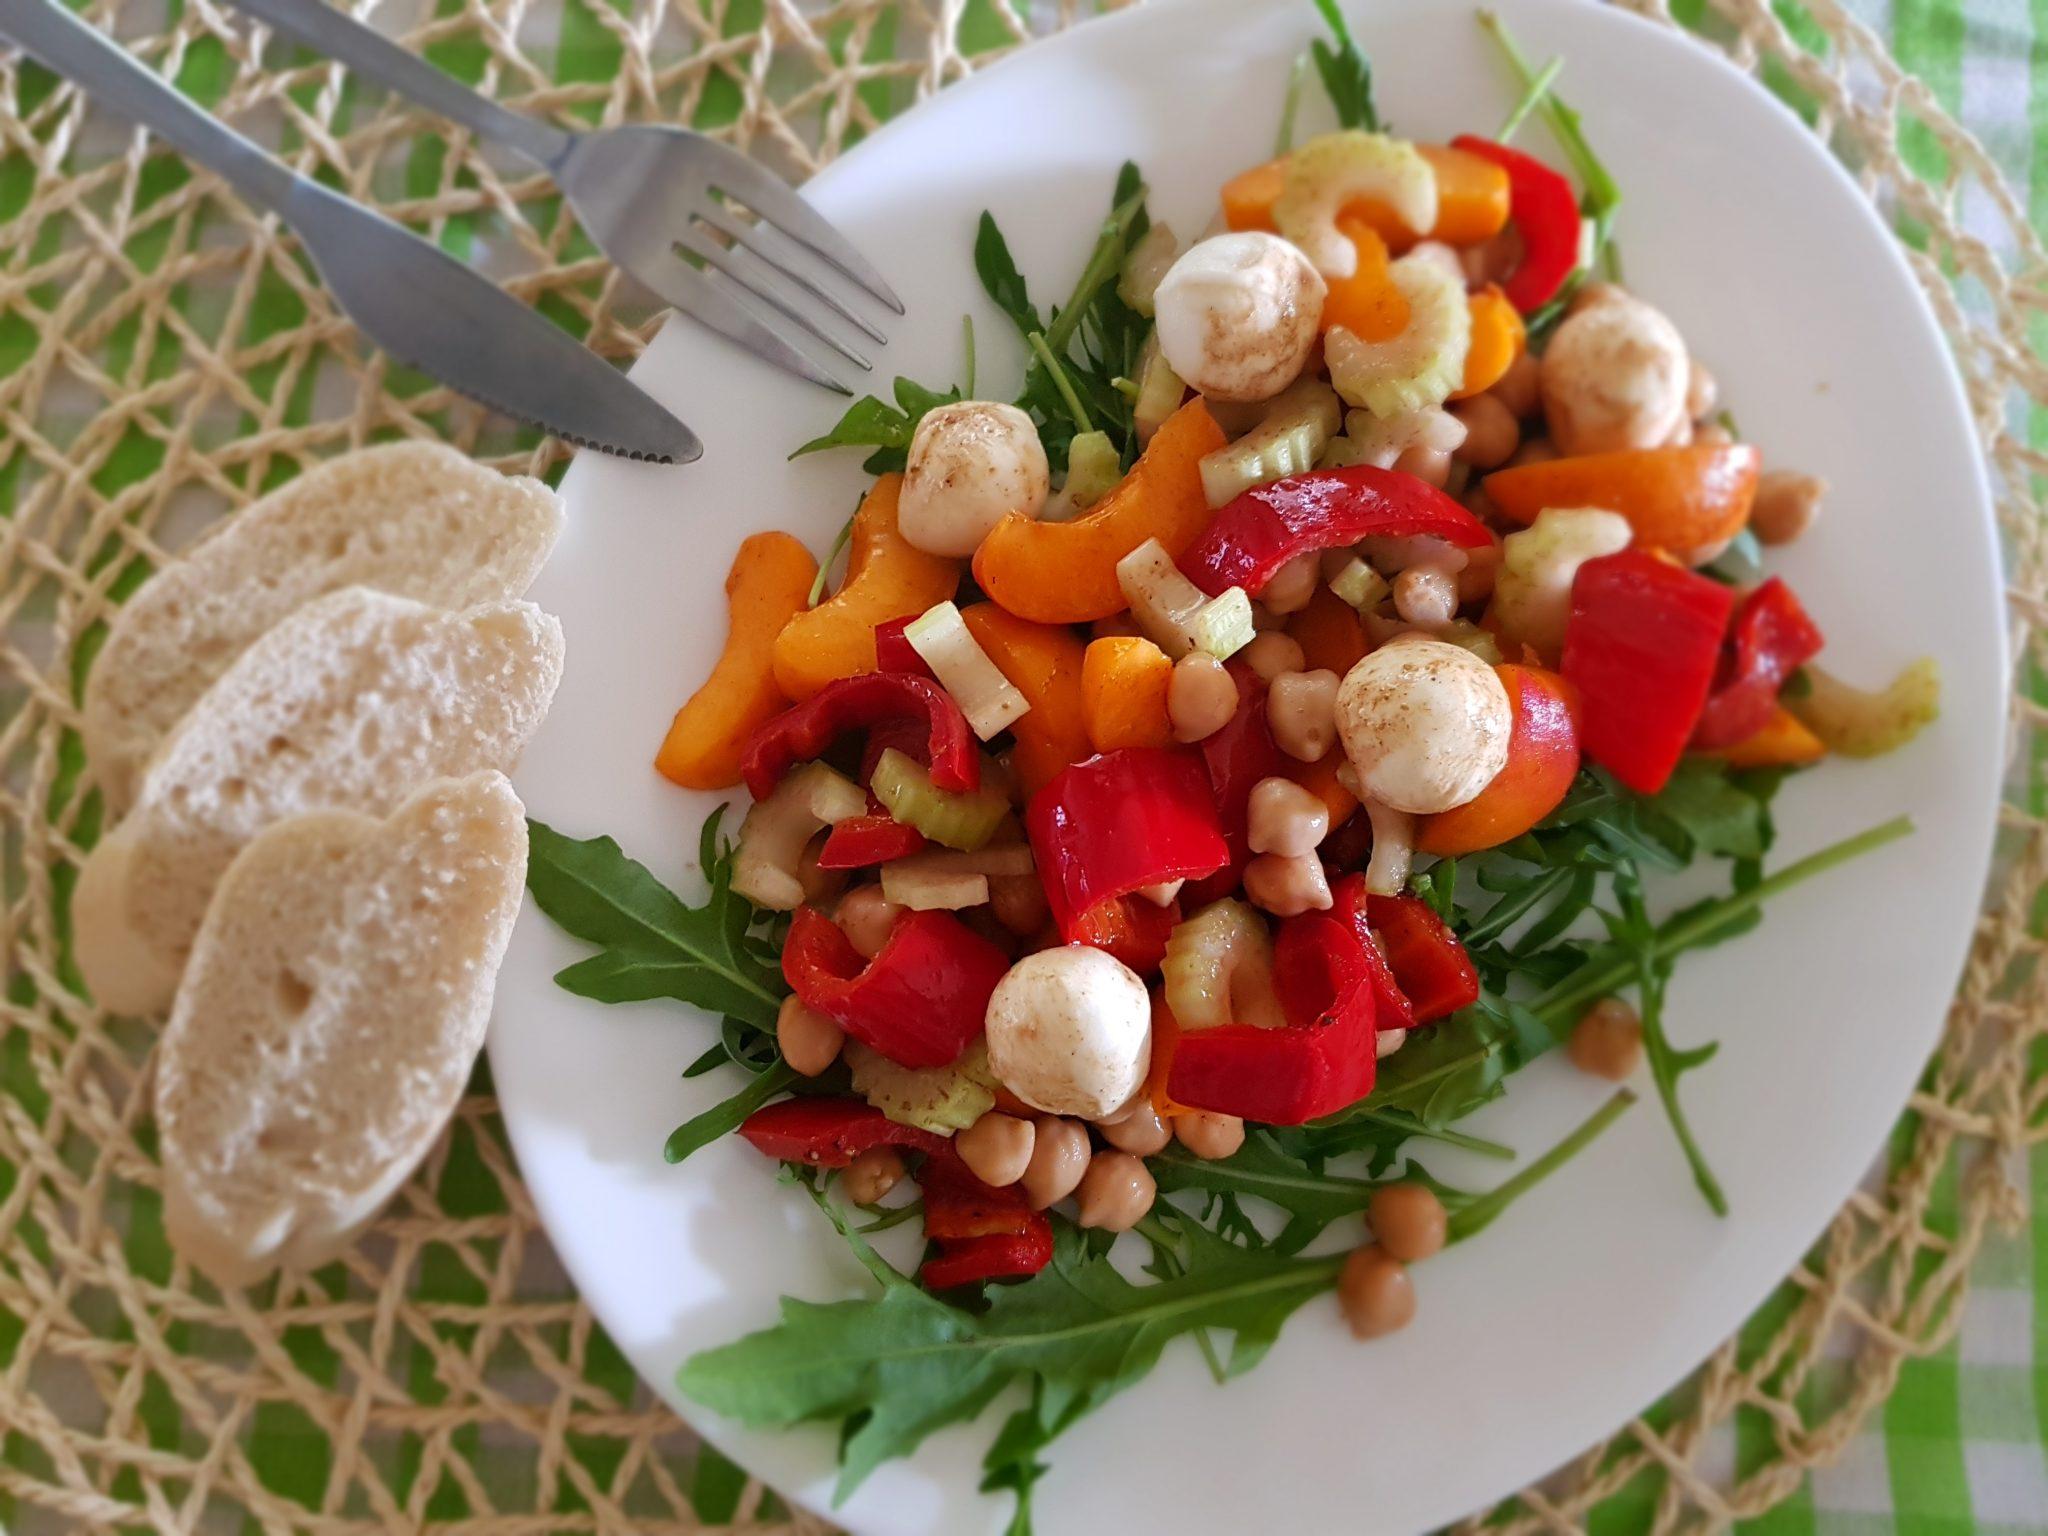 salade met kikkererwten en abrikoos